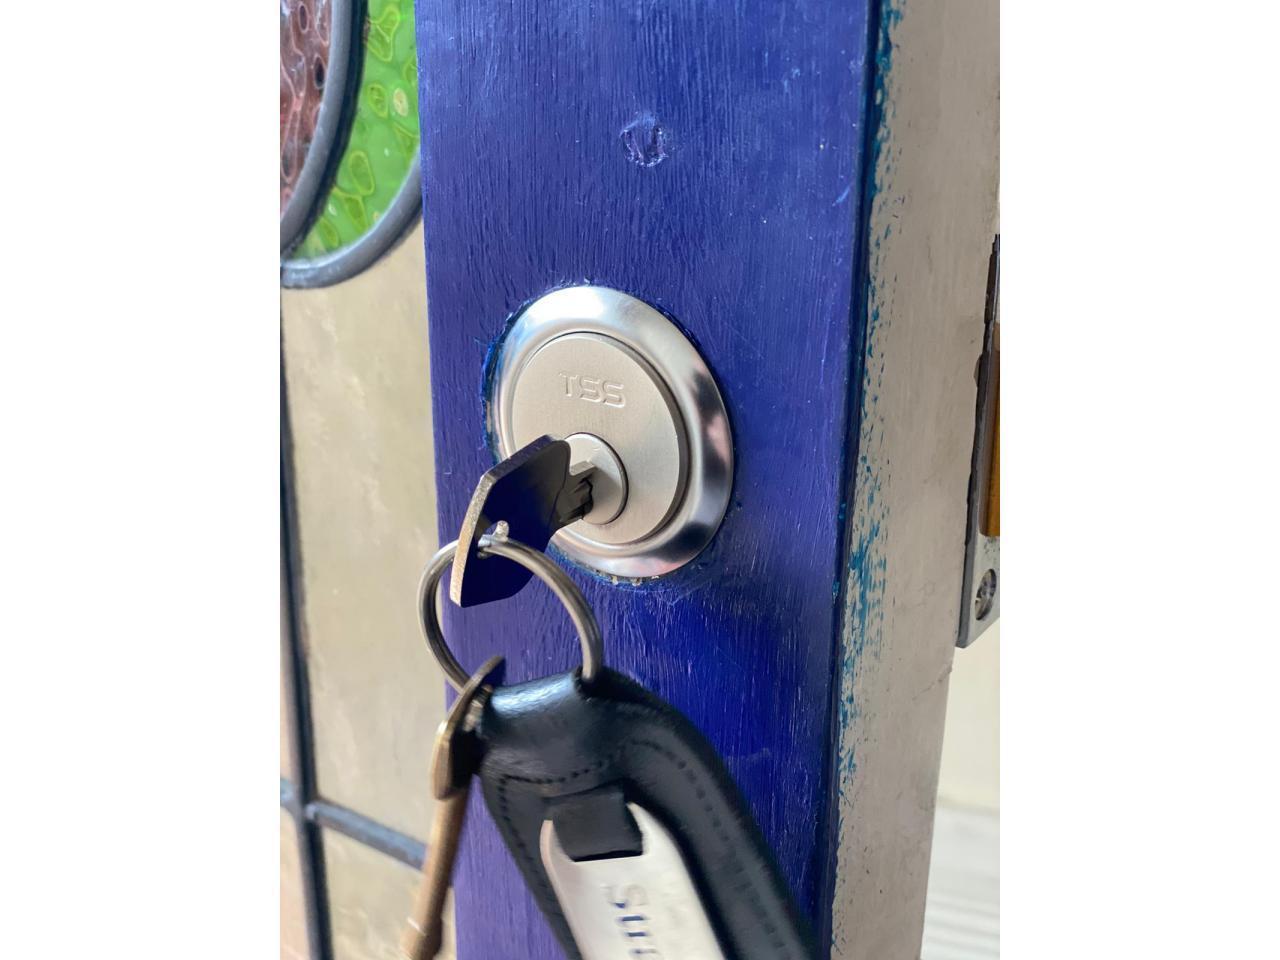 Locksmith Services Аварийная служба, открытия и при необходимости замена замков - 2